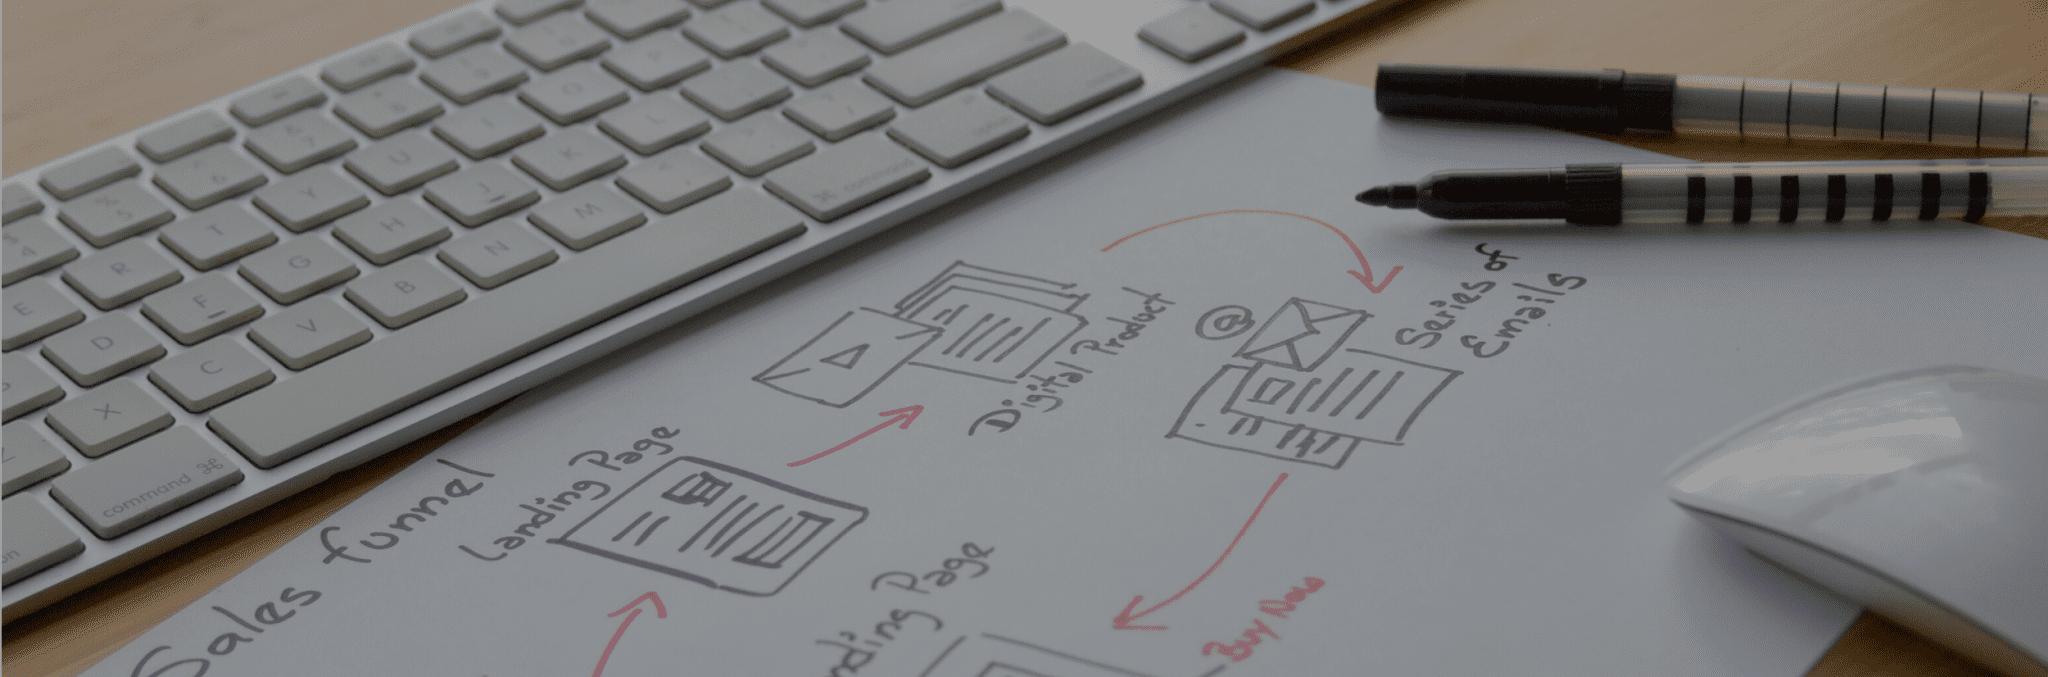 Création et mise en ligne d'une formation numérique